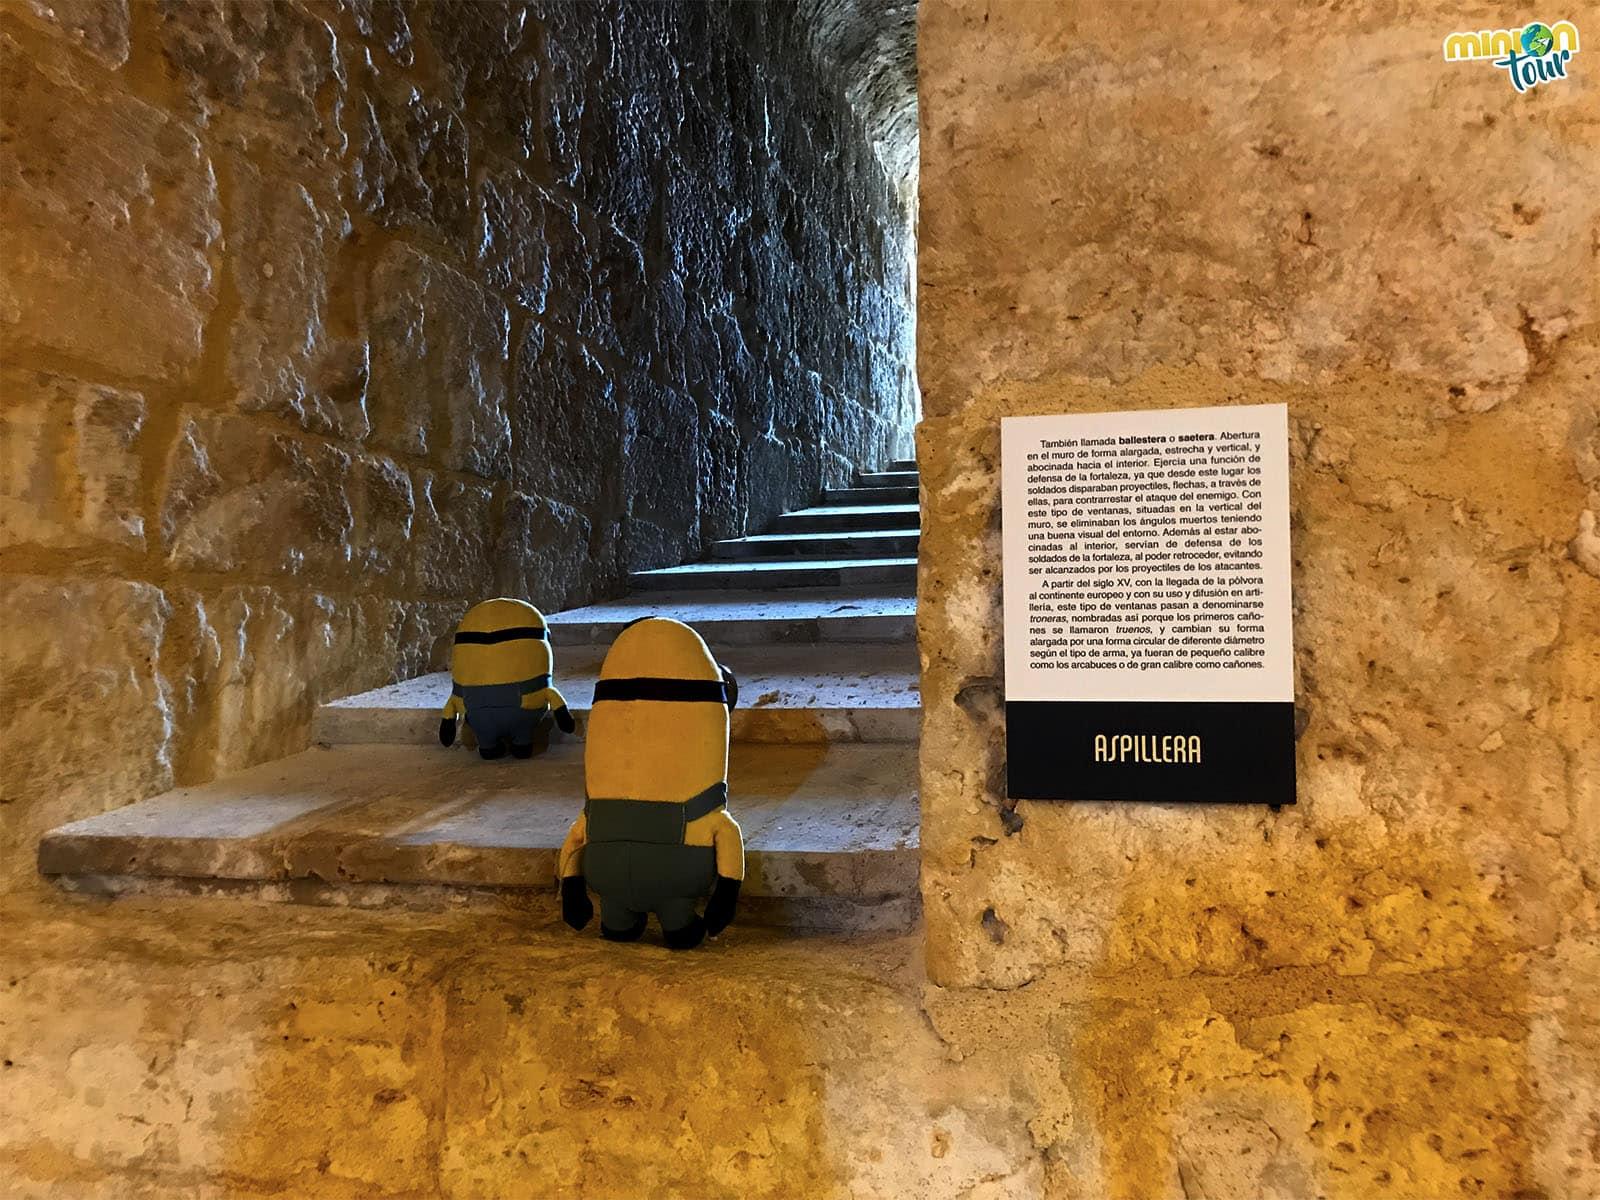 Una de las aspilleras del castillo